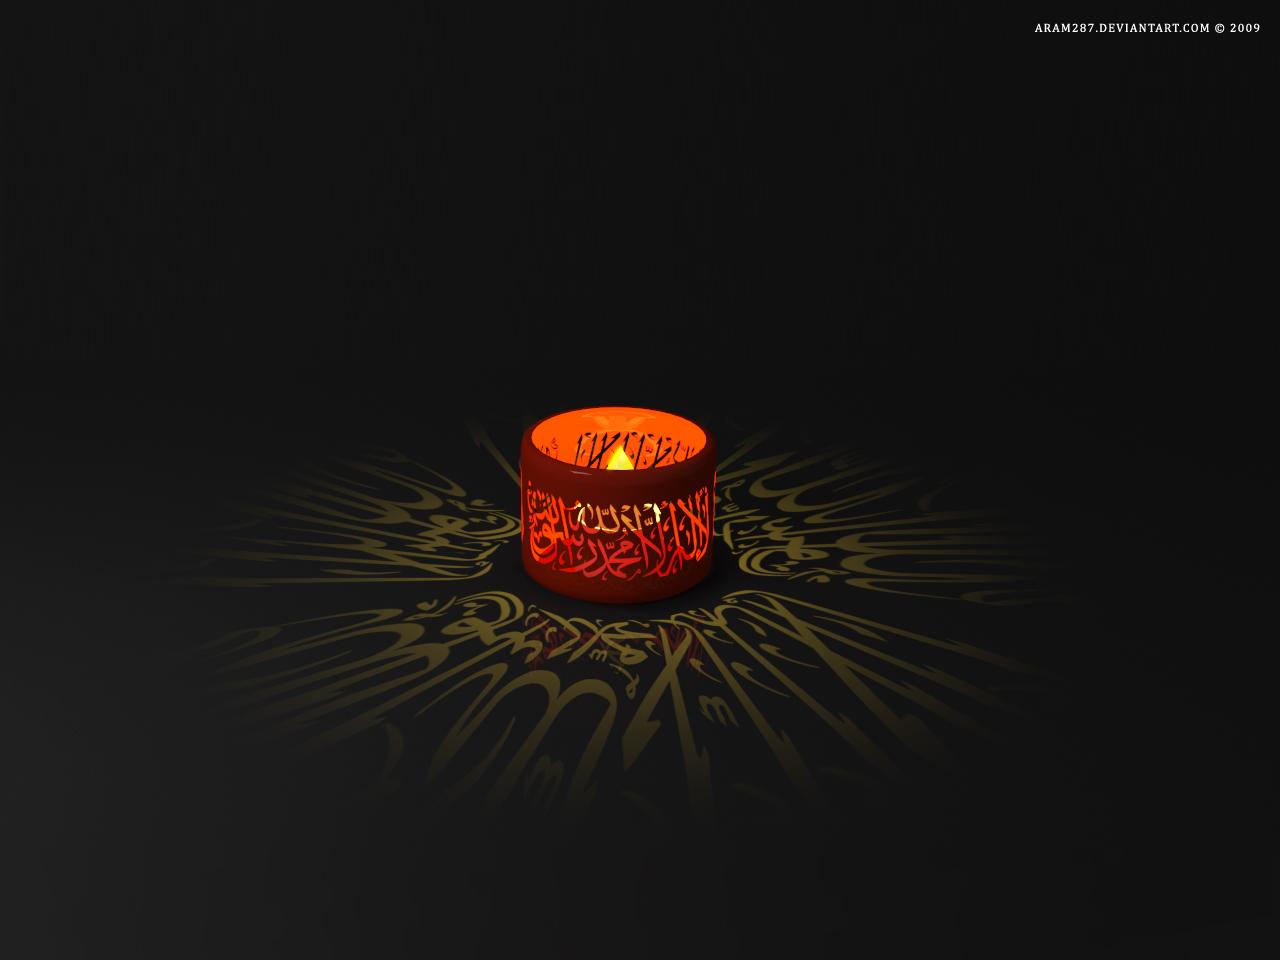 ഇസ്ലാമിക നവോത്ഥാനം: പക്ഷവായനകള് നിര്ത്താന് സമയമായി